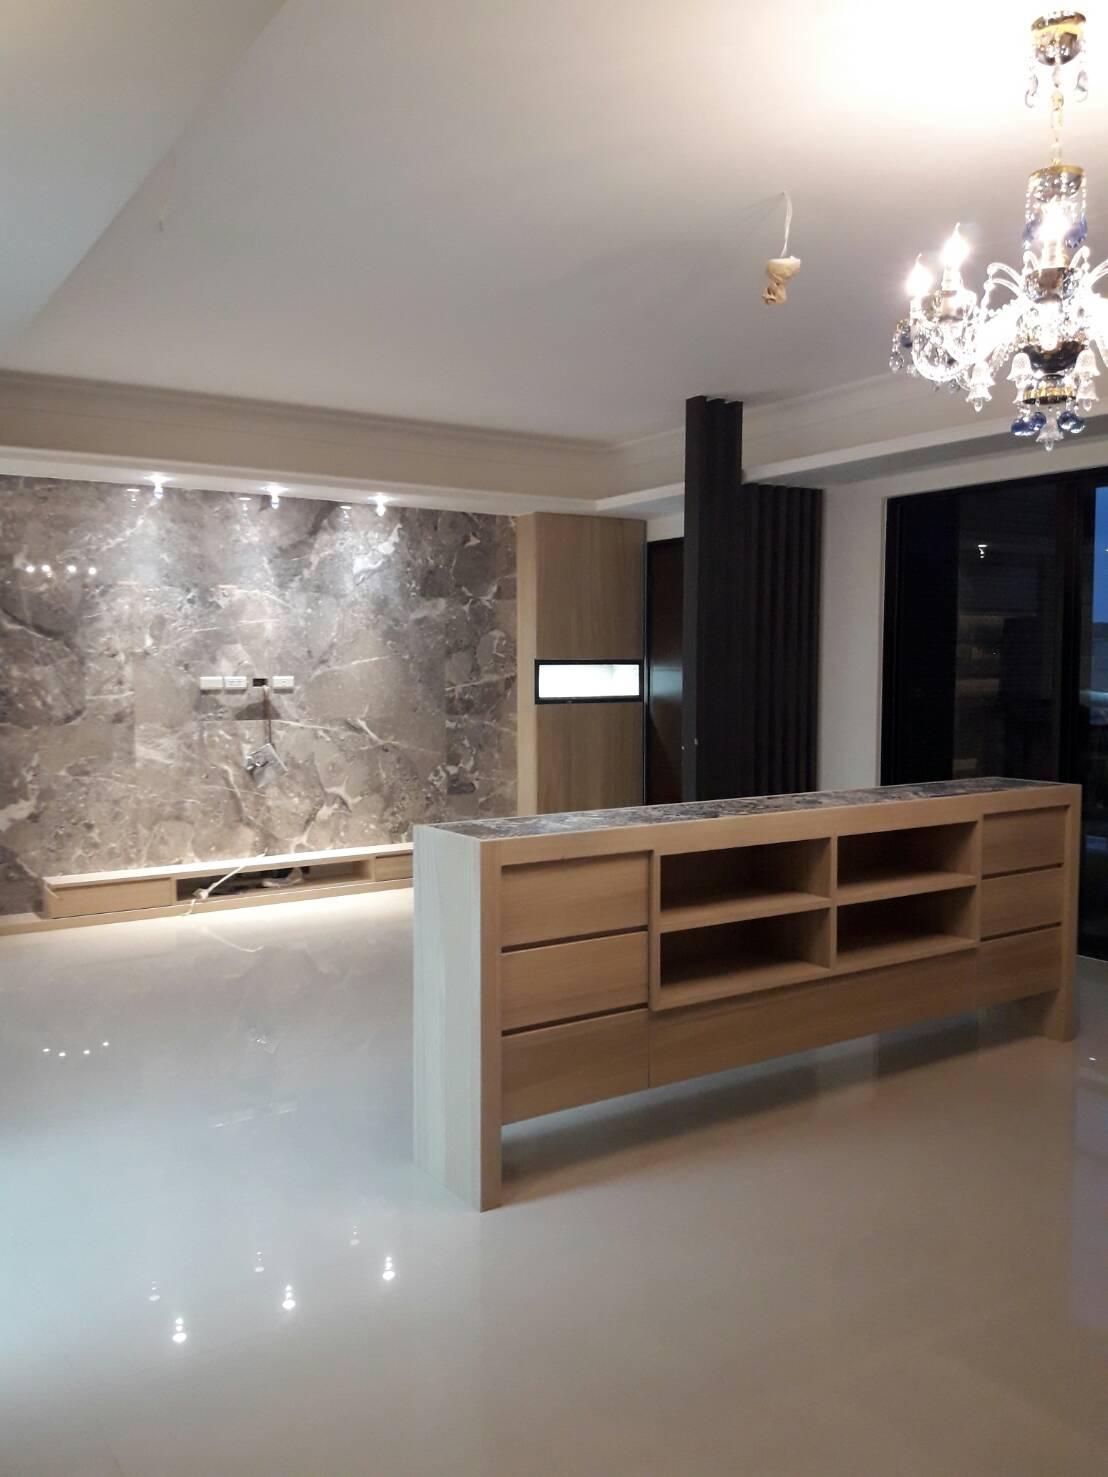 裝潢工程411-室內設計